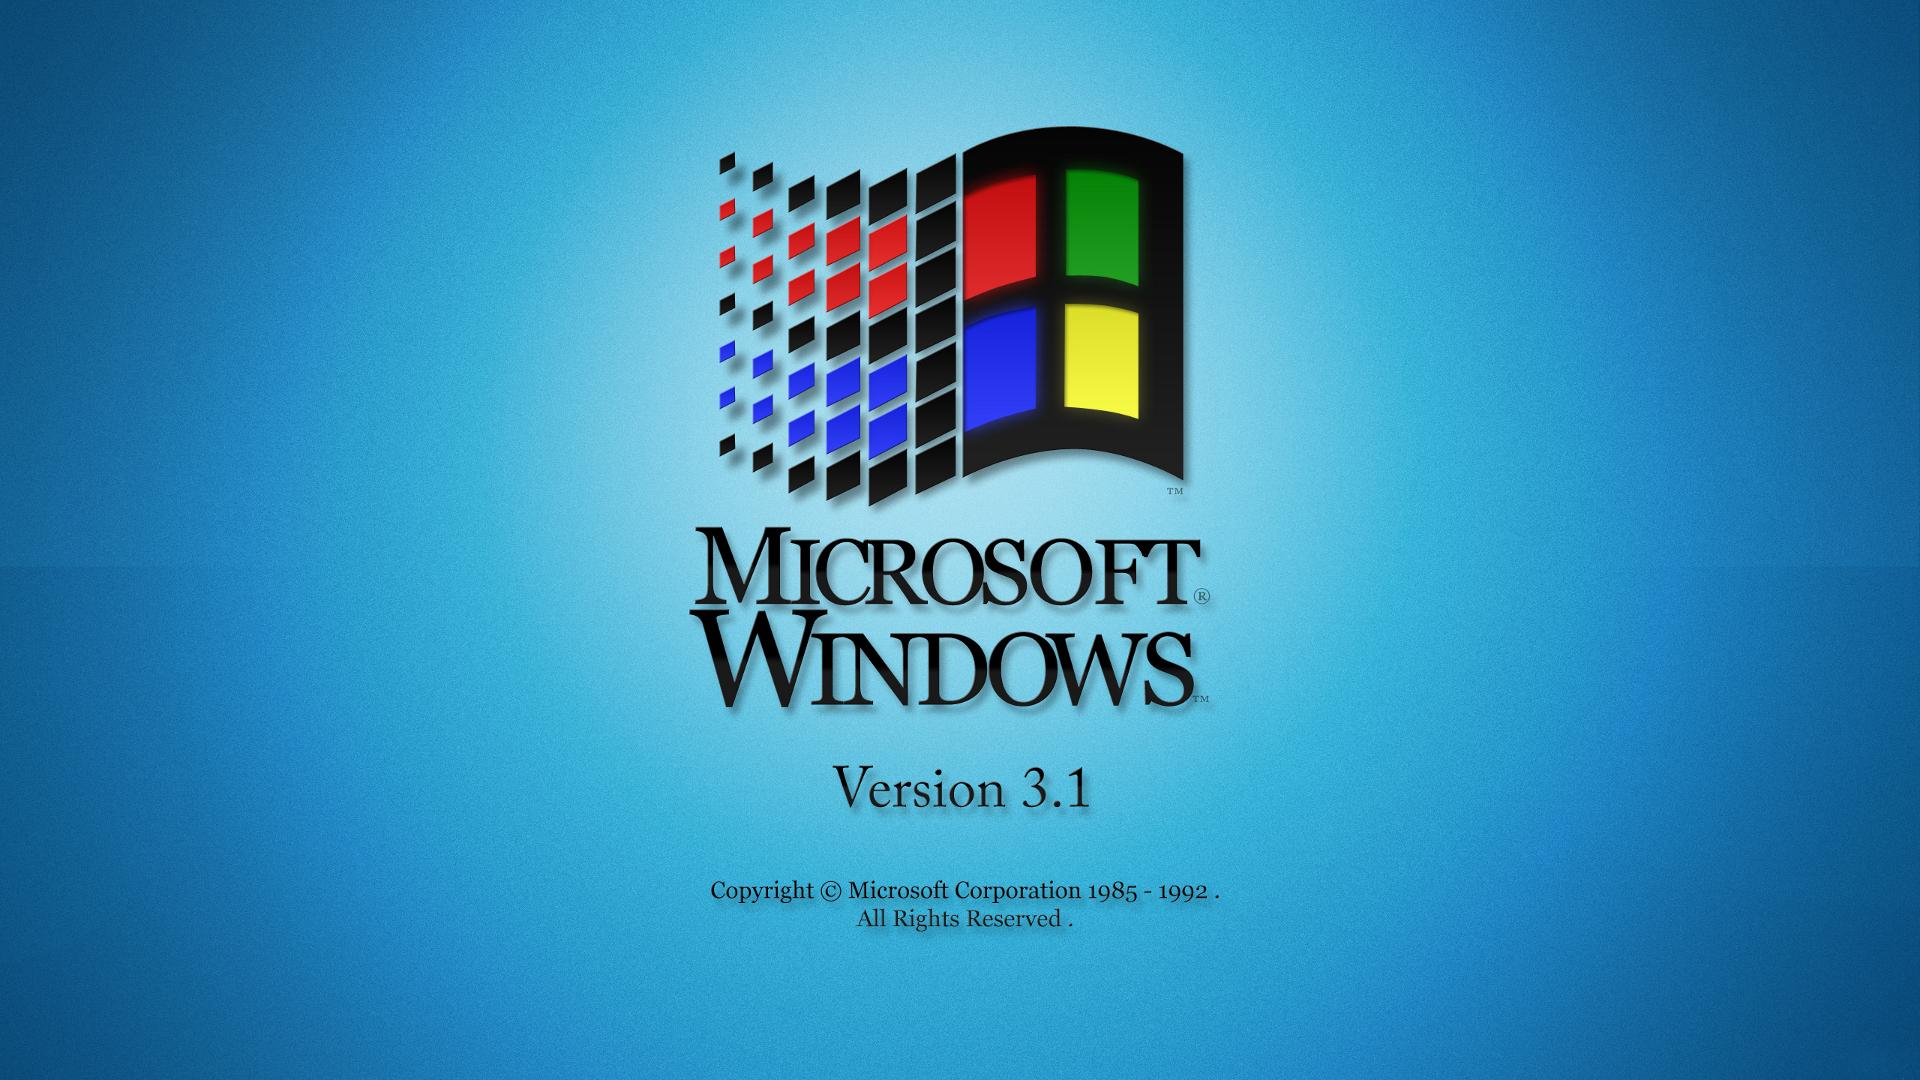 Windows 98 Desktop Wallpaper WallpaperSafari